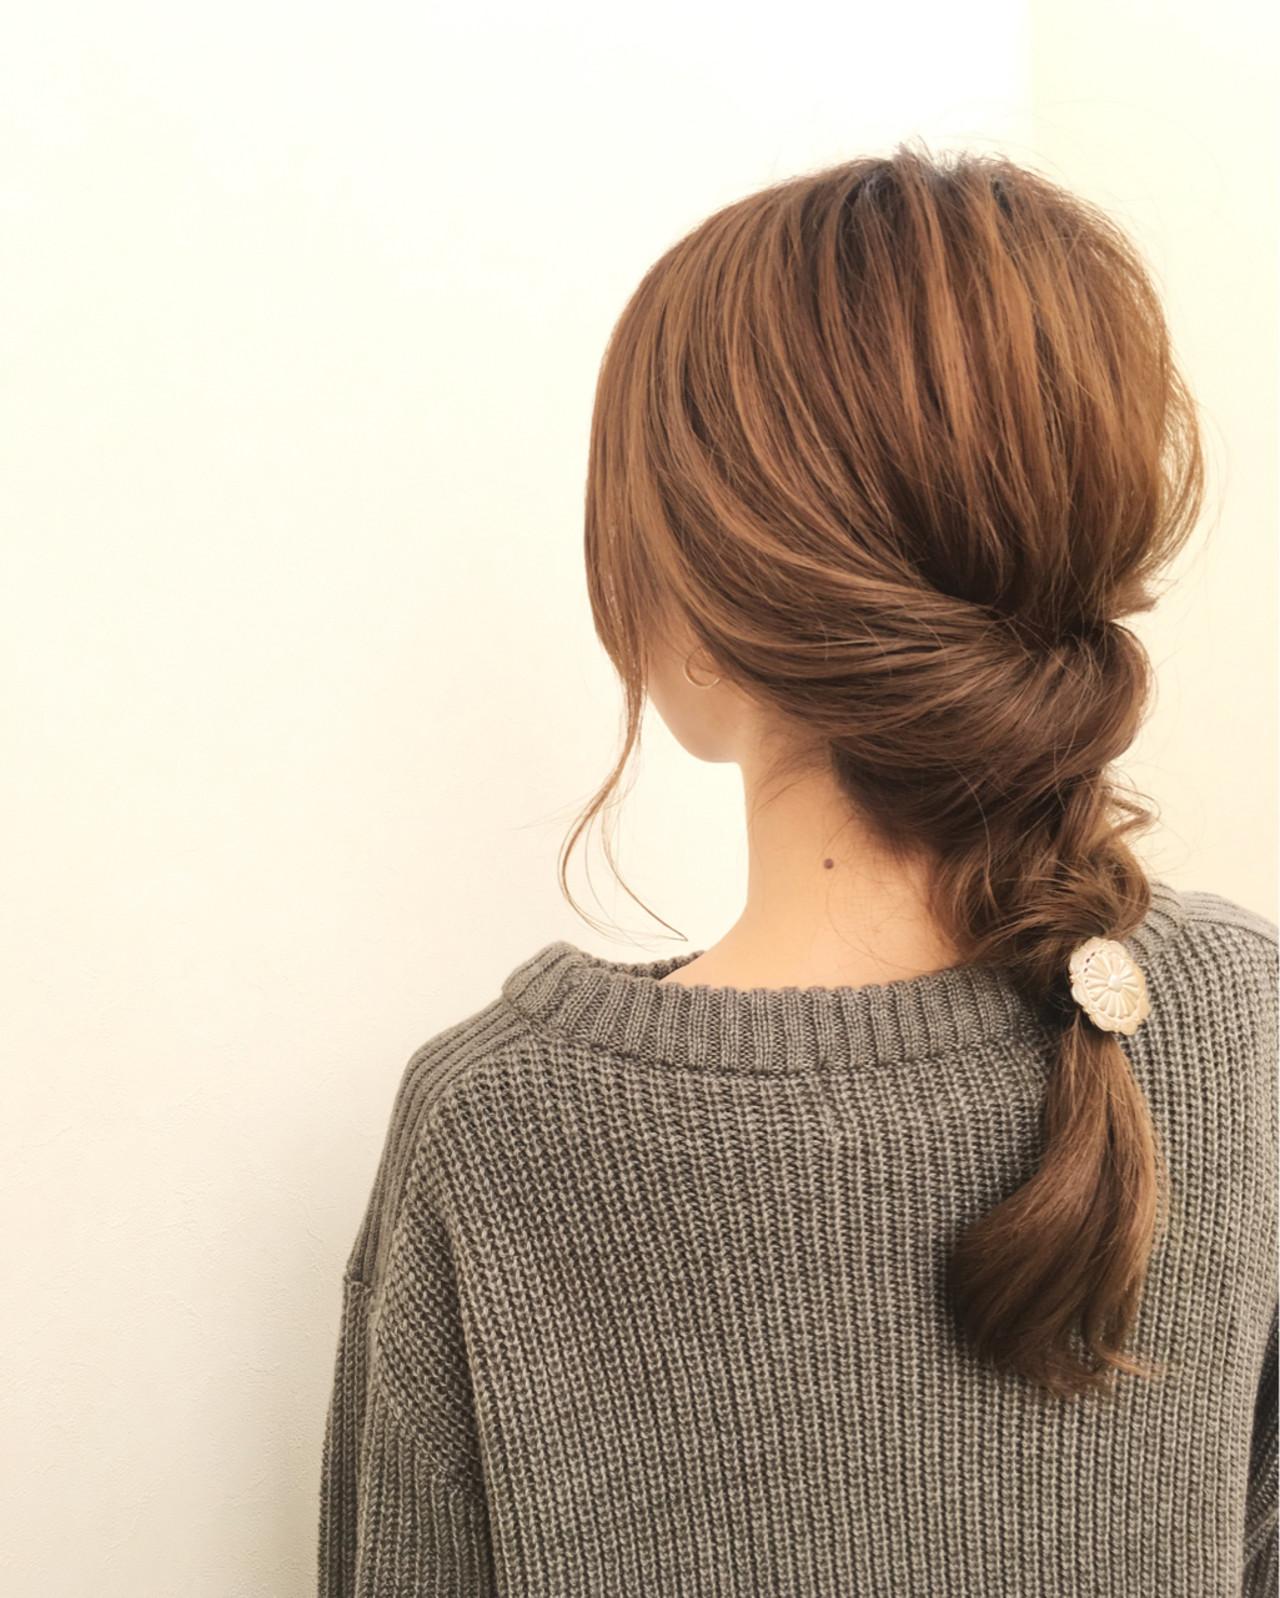 大人女子 ロング 小顔 簡単ヘアアレンジ ヘアスタイルや髪型の写真・画像 | 桑村亮太/CALIF hair store / 函館/CALIF hair store/キャリフ ヘアストア